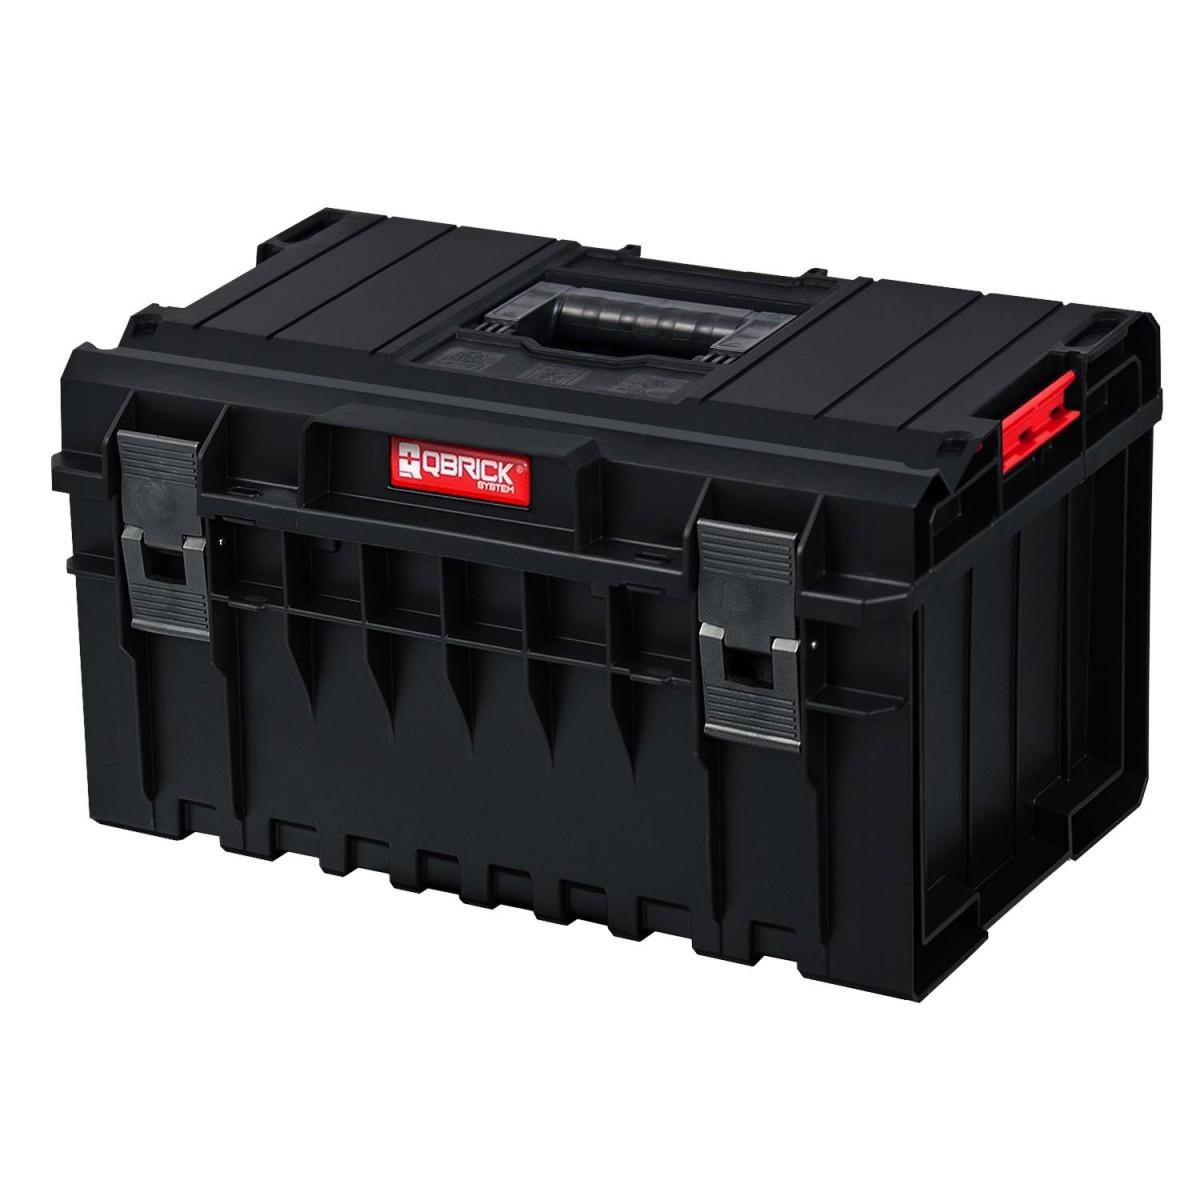 Kufr na nářadí Box QBRICK® System ONE 350 Basic Nářadí-Sklad 2 | 5,7 Kg